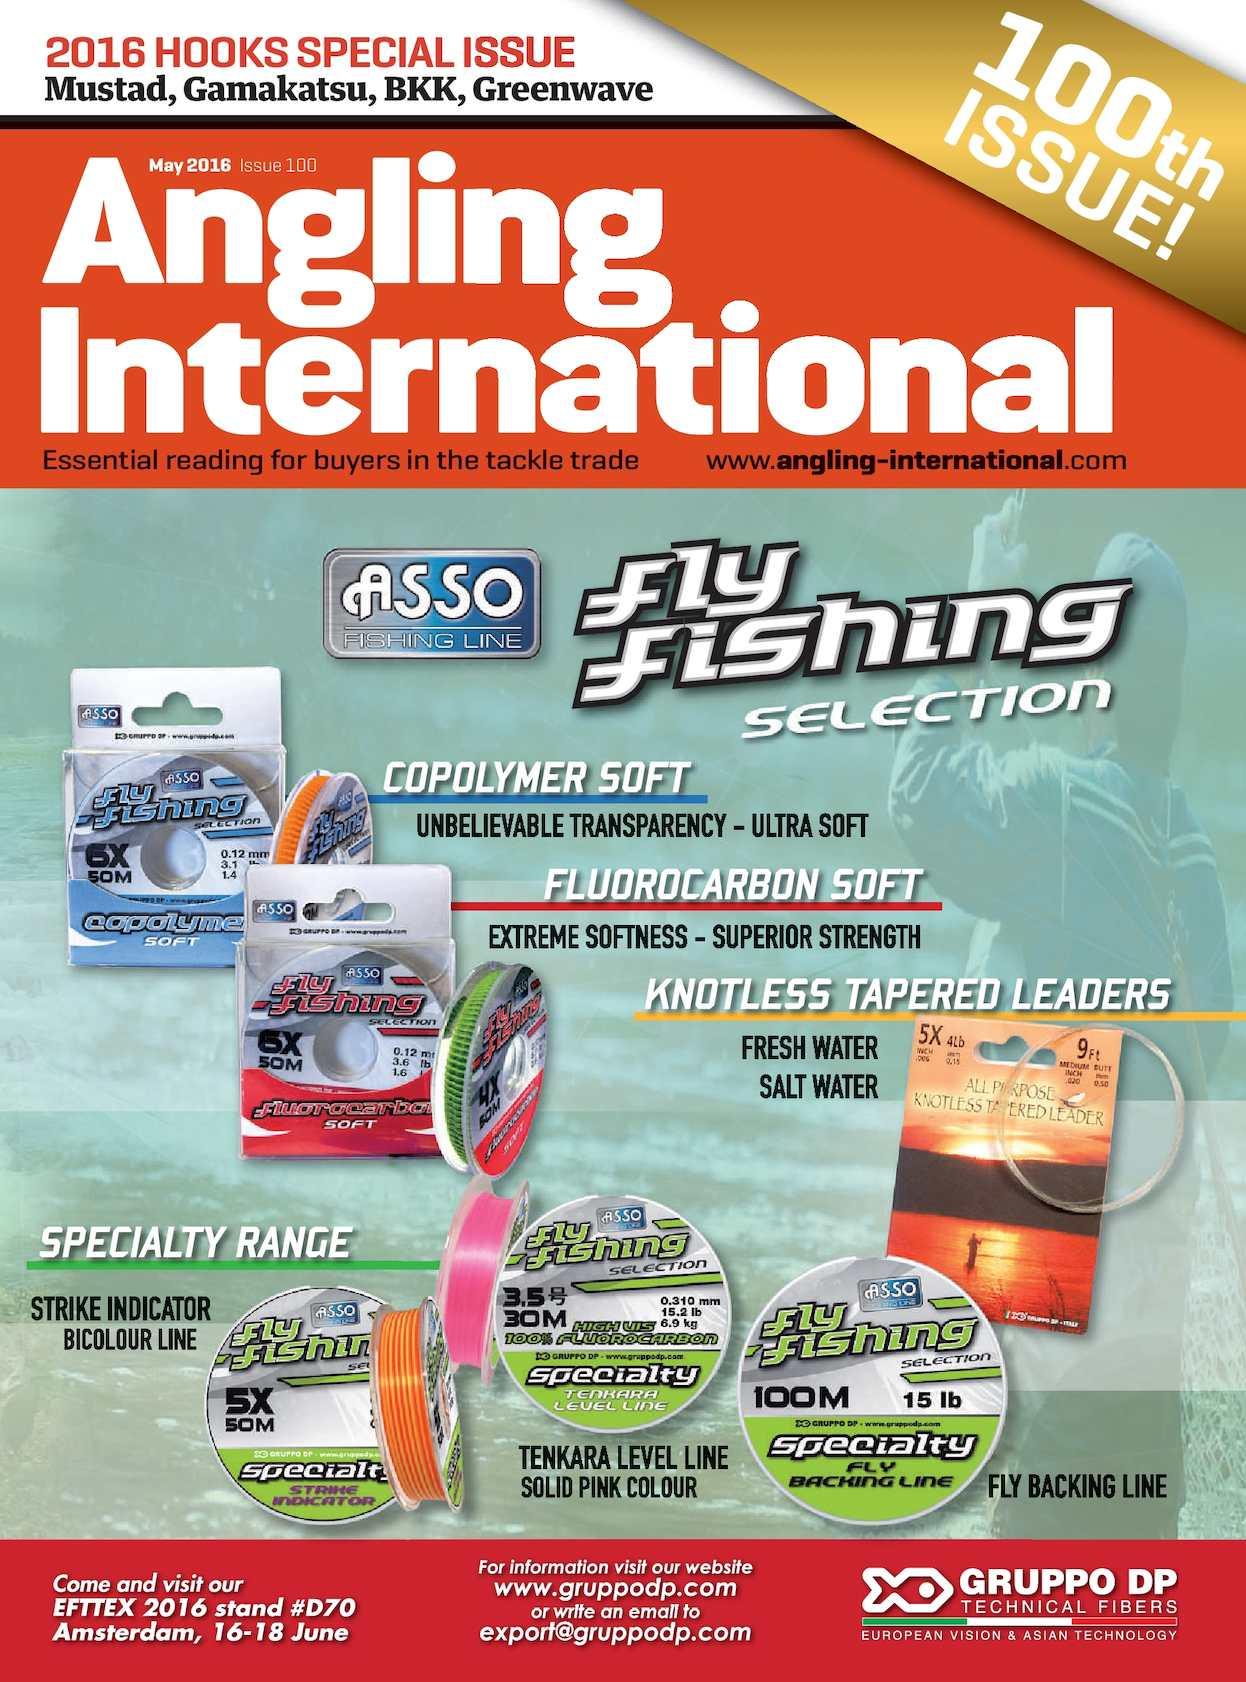 d3c0eba37fe Calaméo - Angling International - May 2016